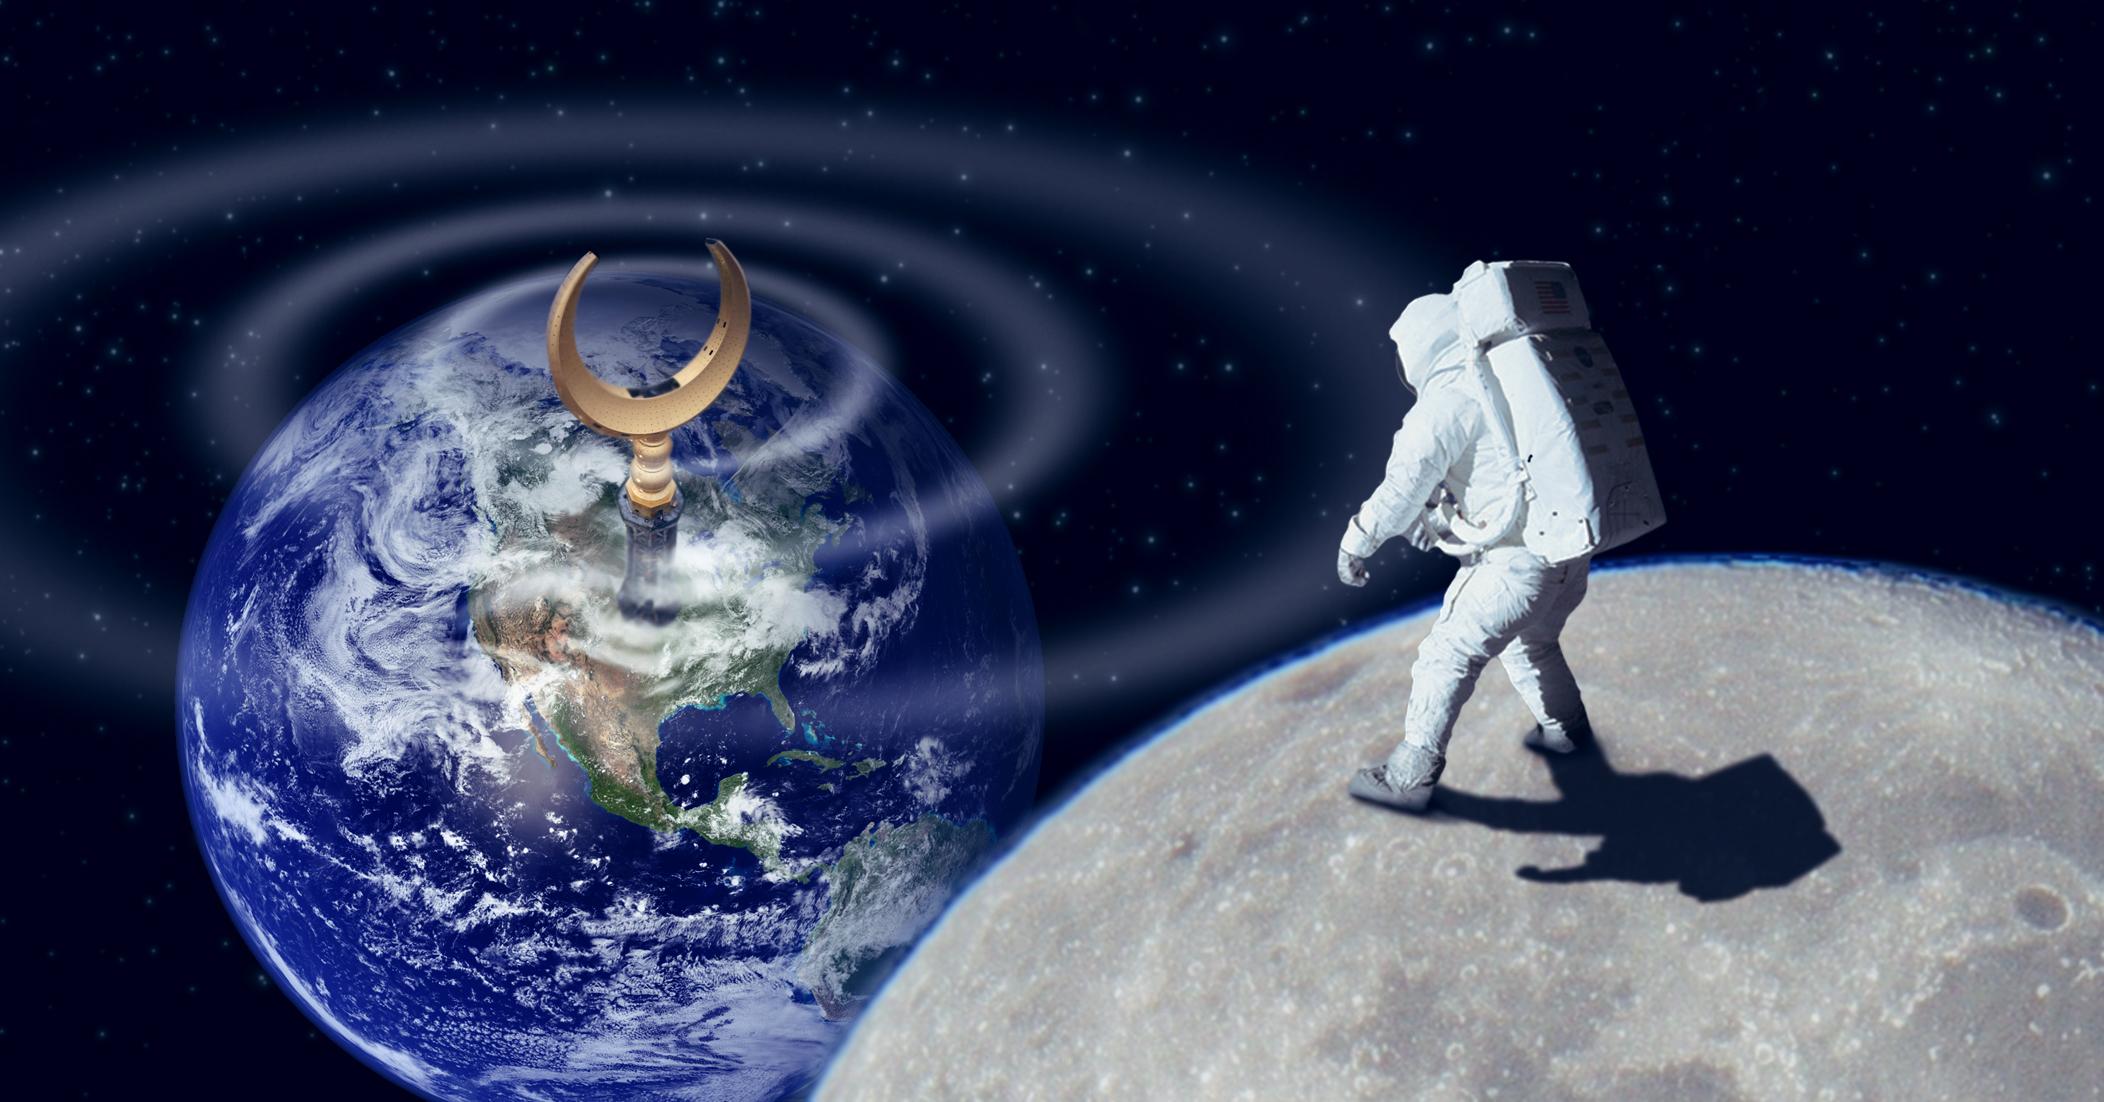 صورة قياس الصوت الصادر من مسجد يثبت أن آرمسترونغ سمِع صوت الأذان على سطح القمر بالفعل